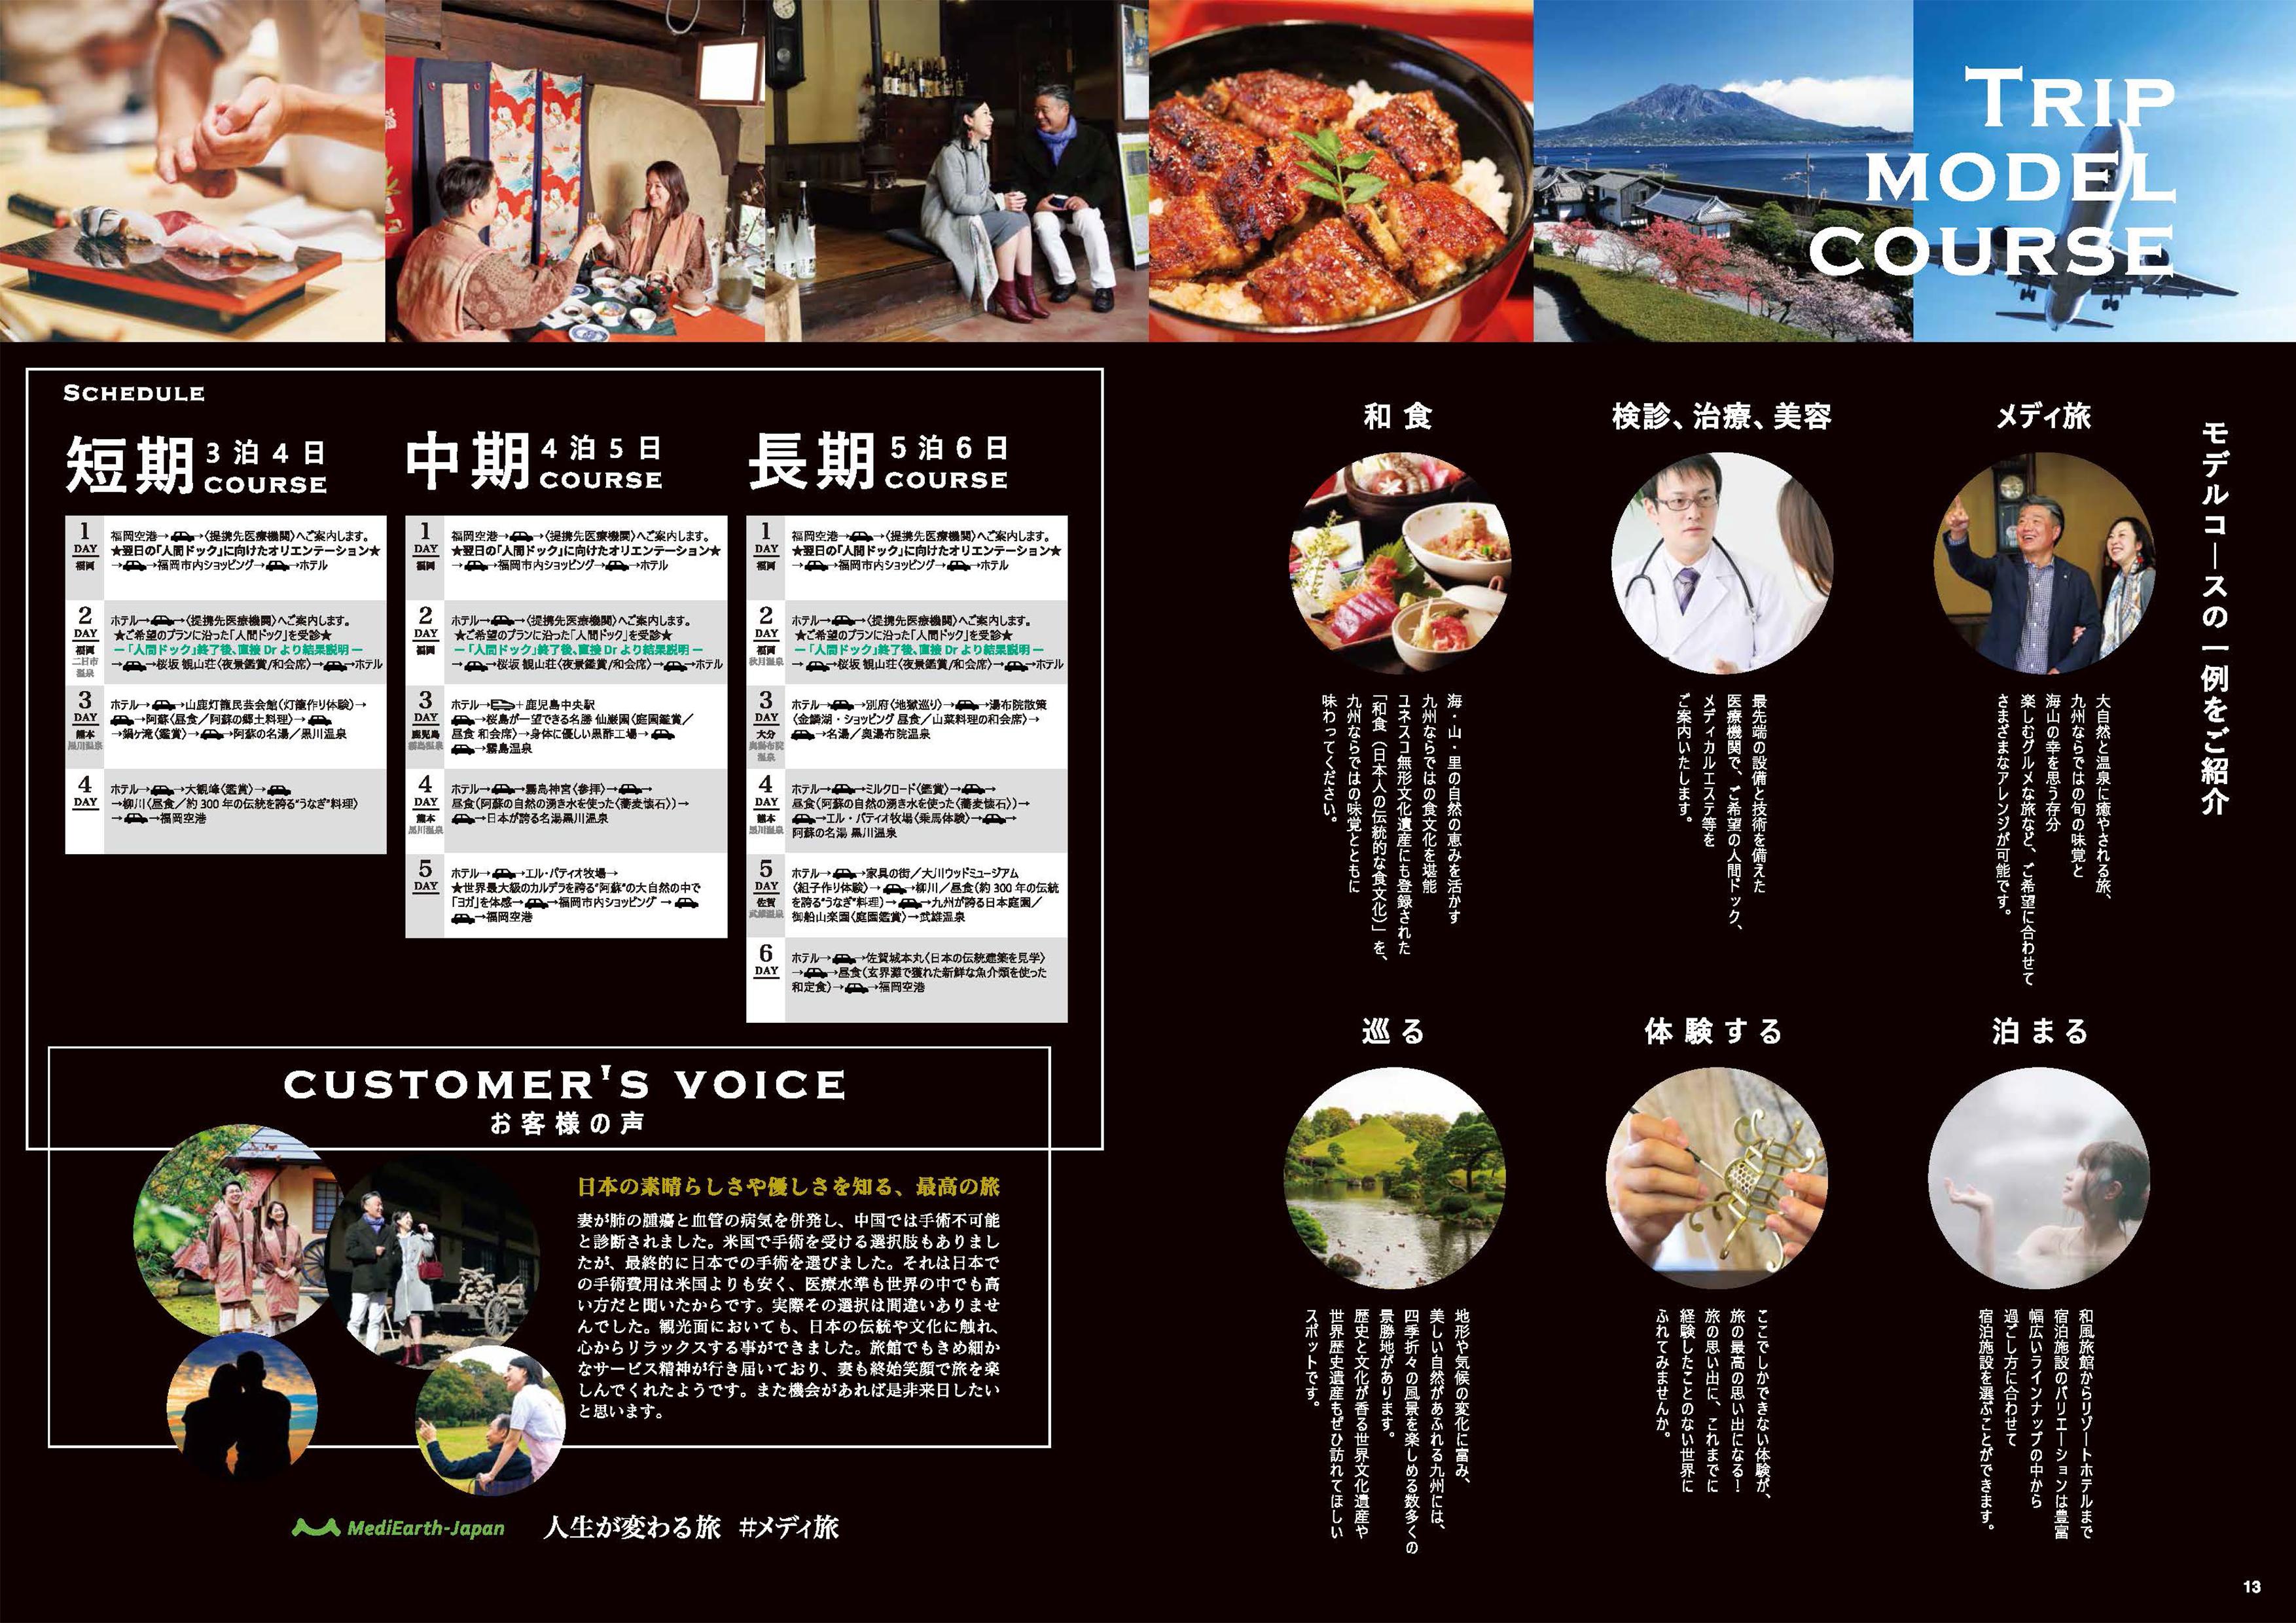 パンフレット_メディア―スジャパン